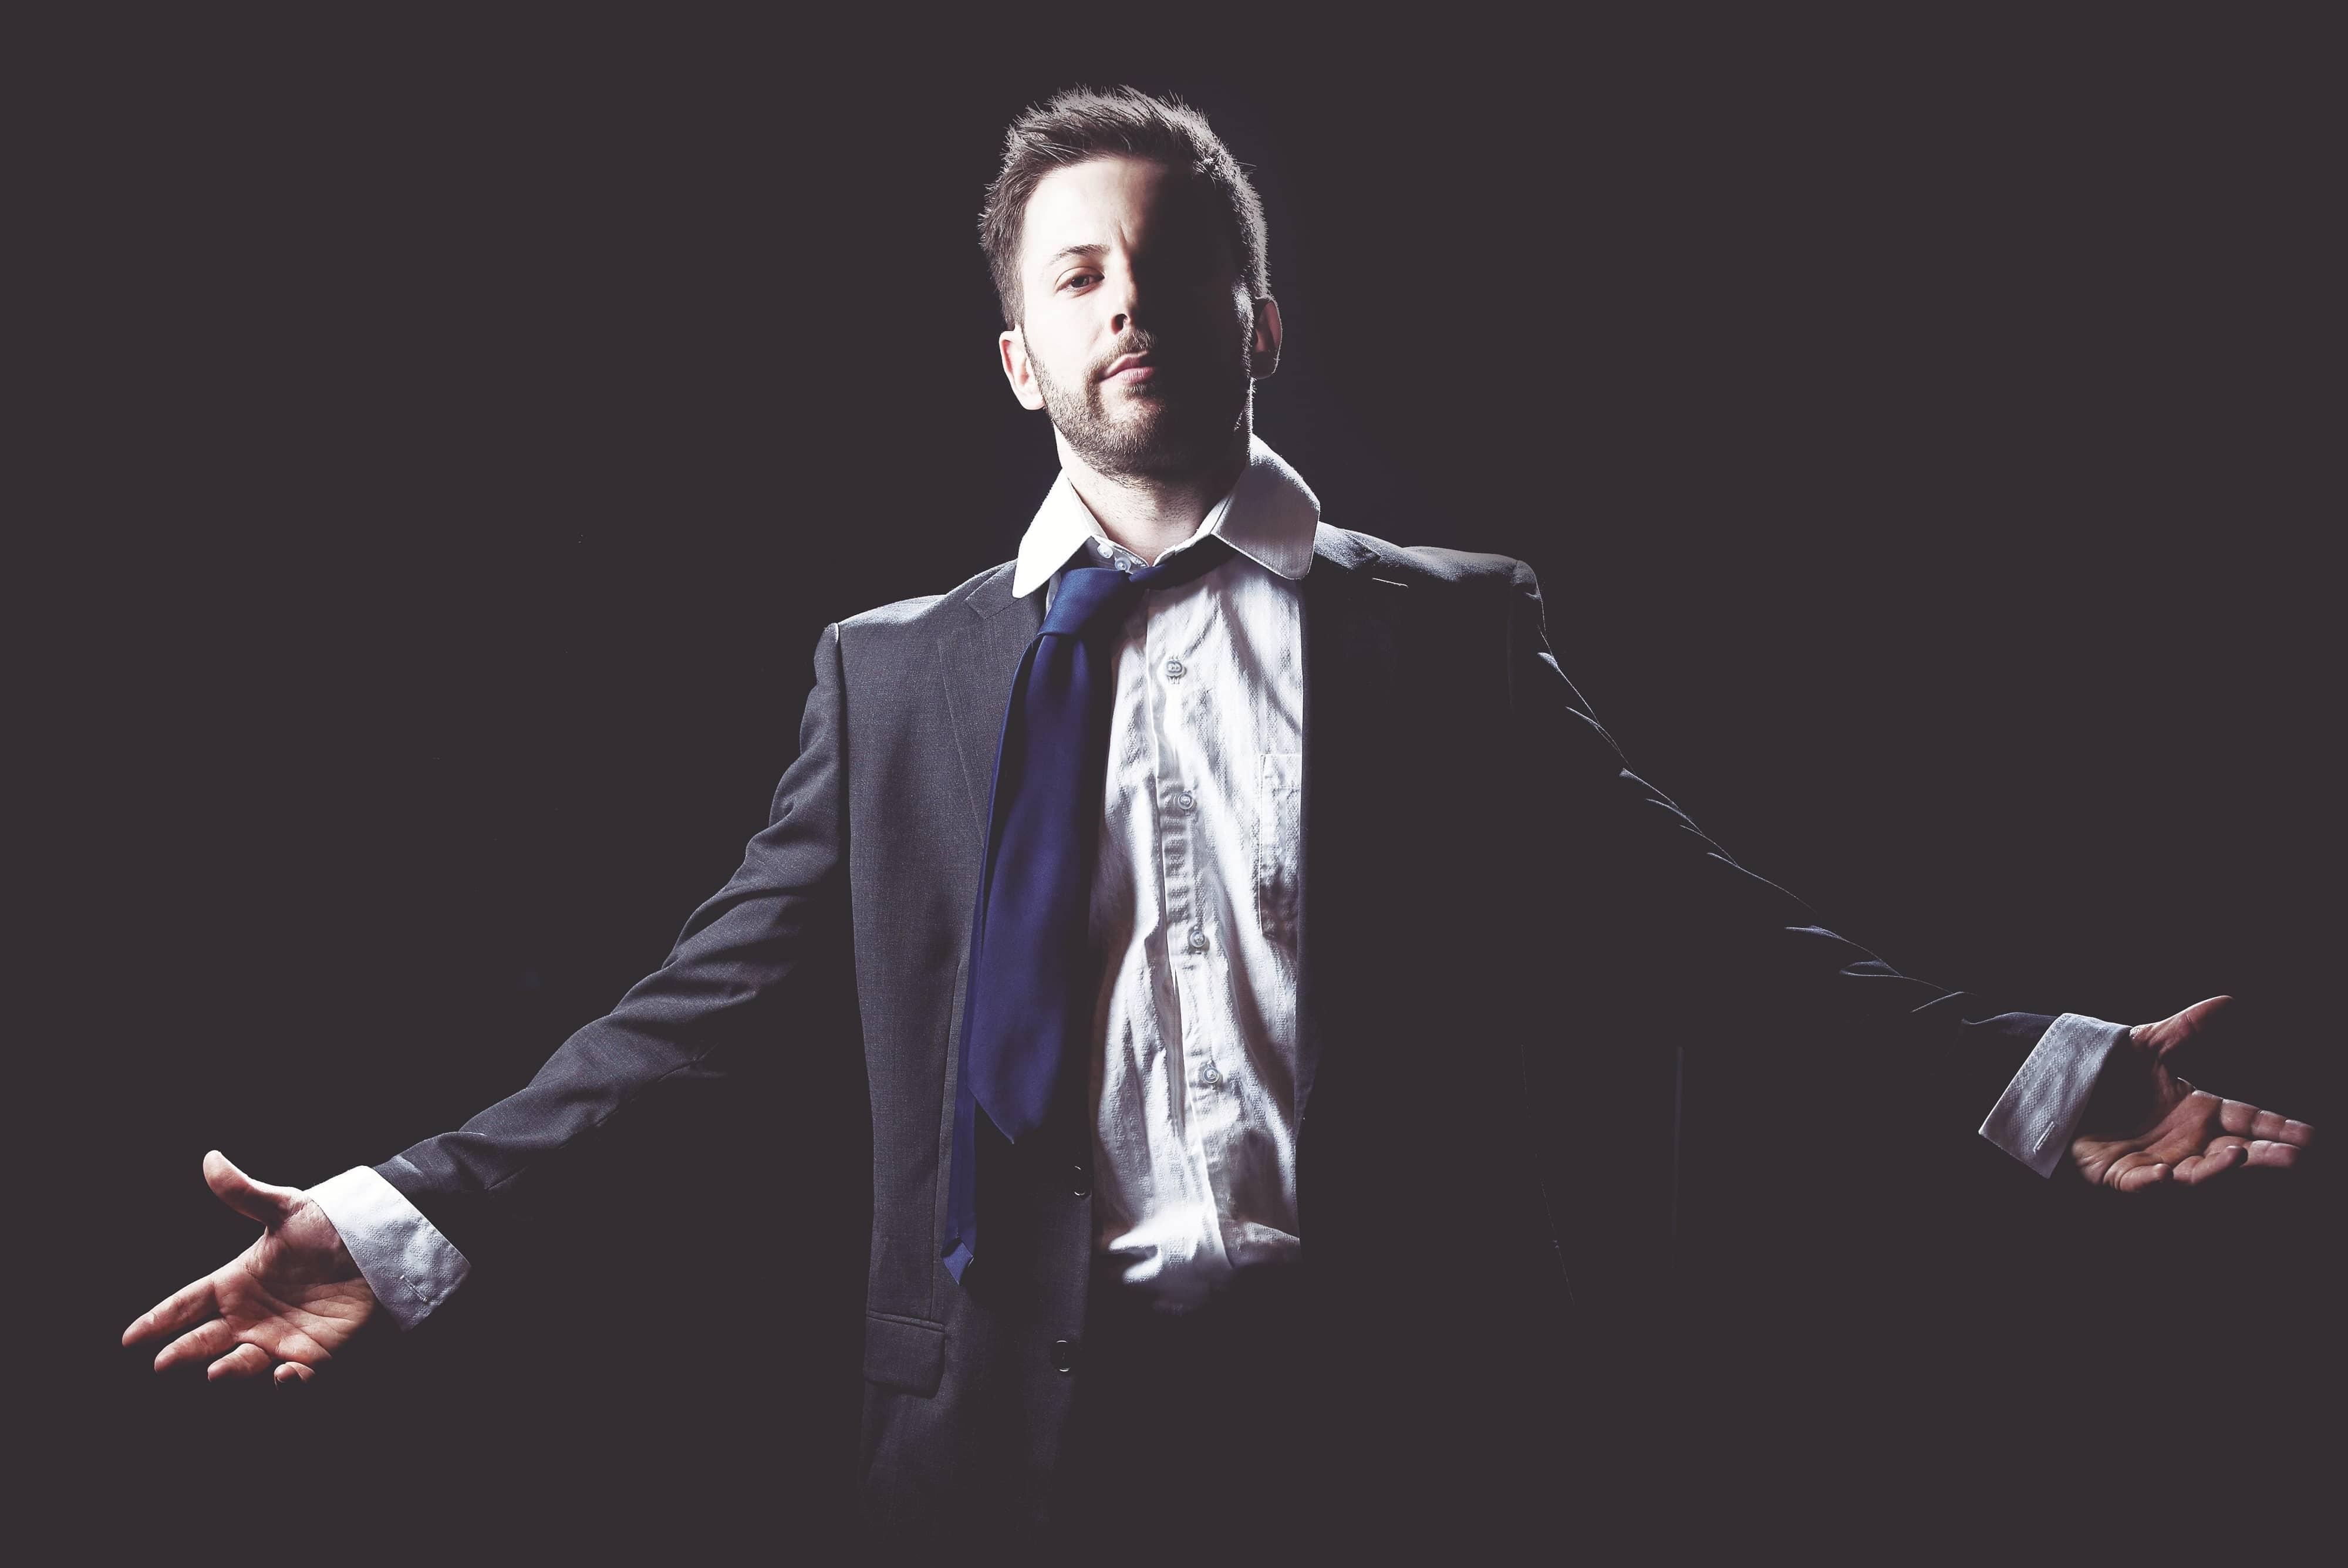 Tom Pain (Basado En Nada) Brilla Luis Arrieta En Monologo